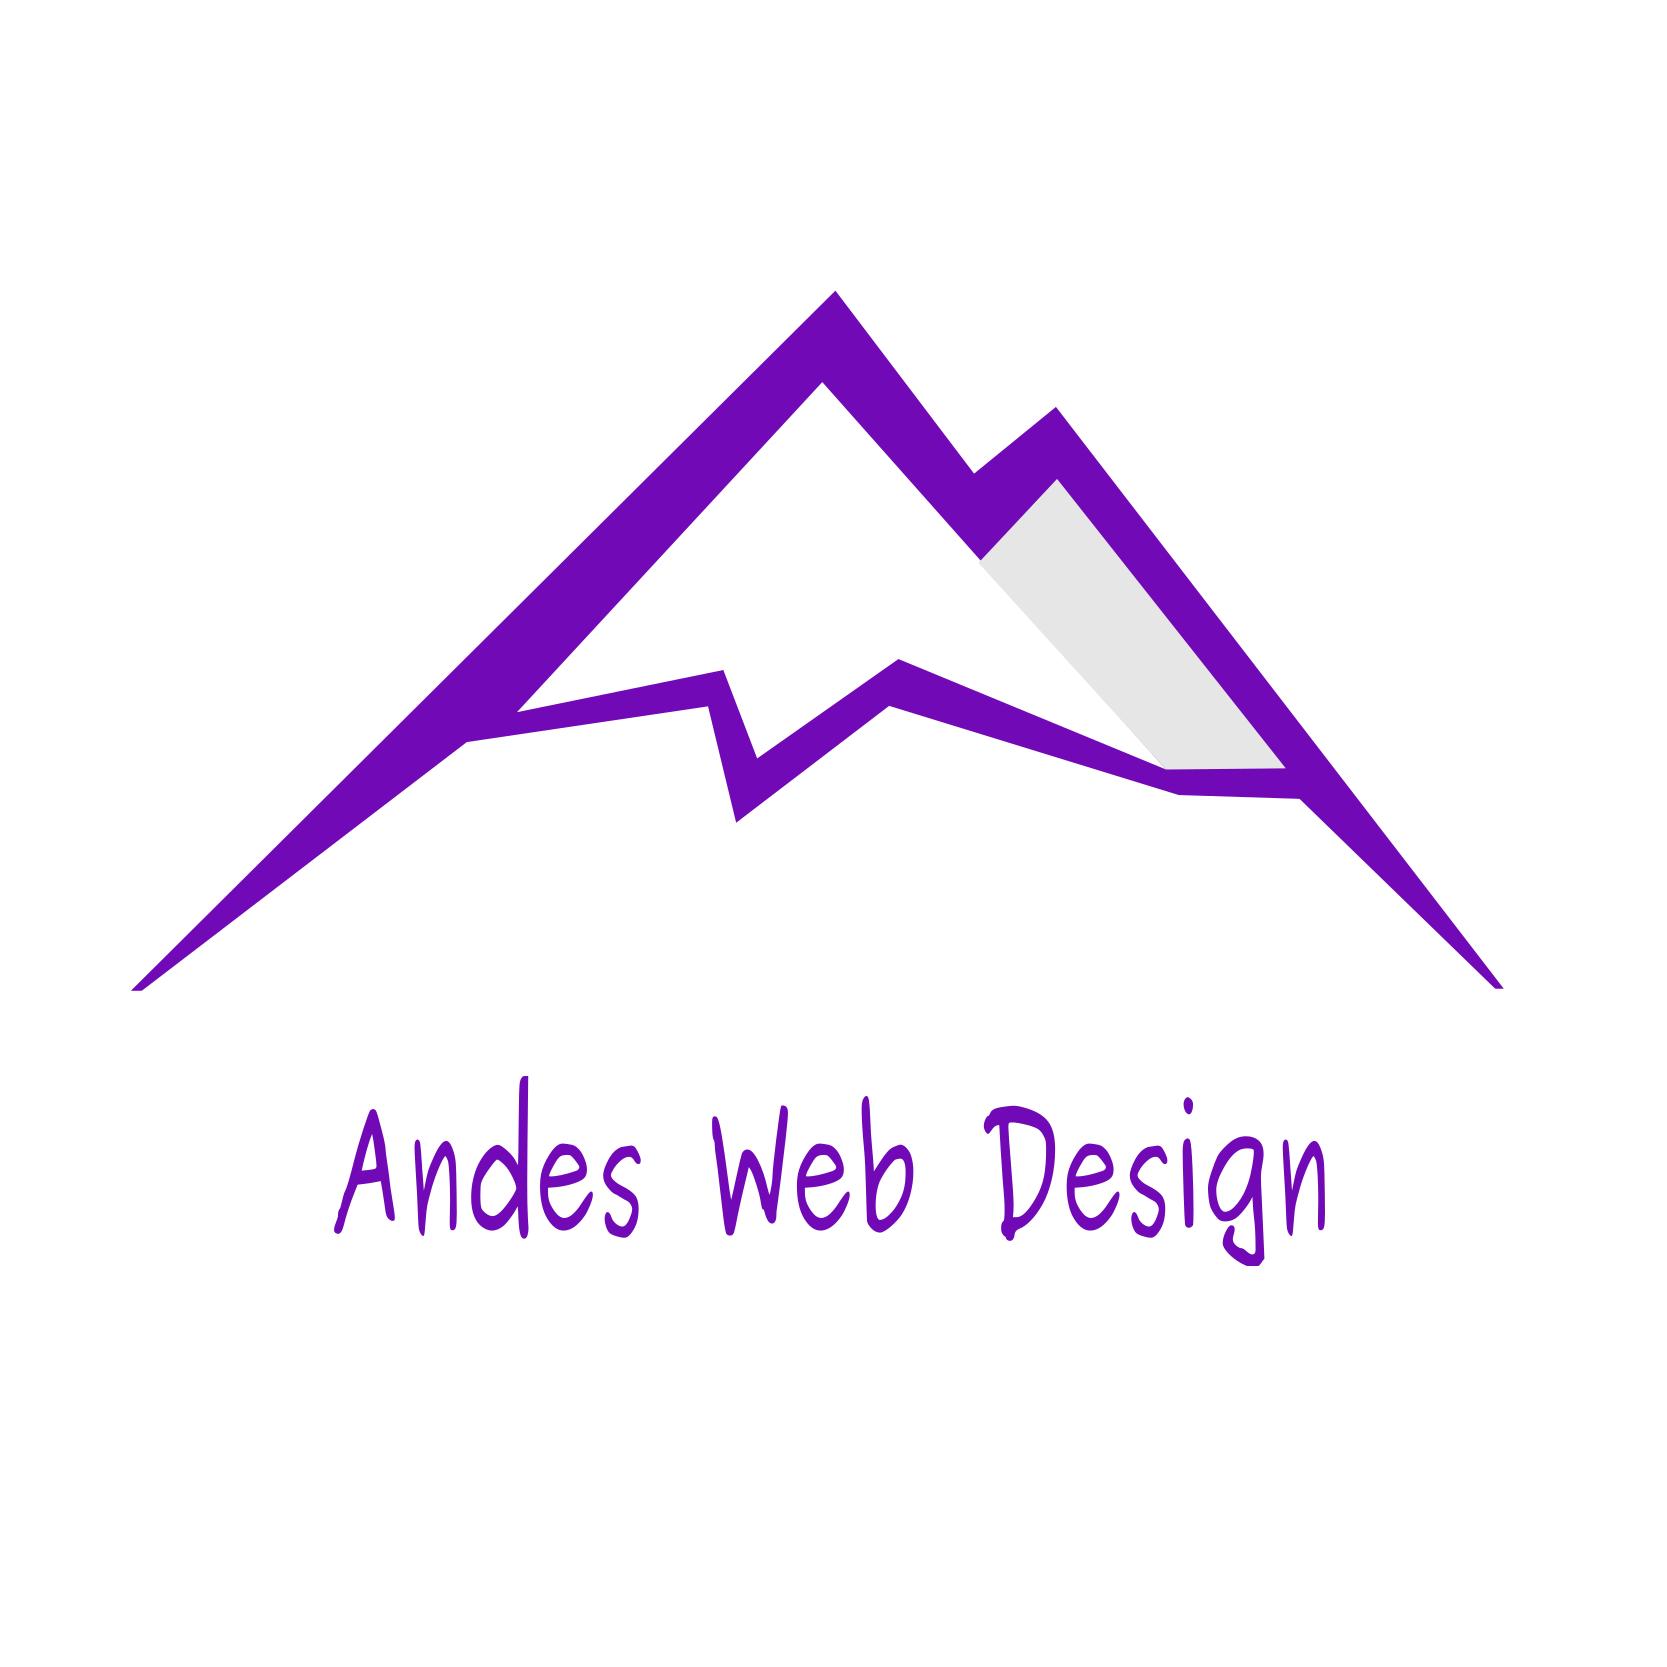 Andes Web Design Logo